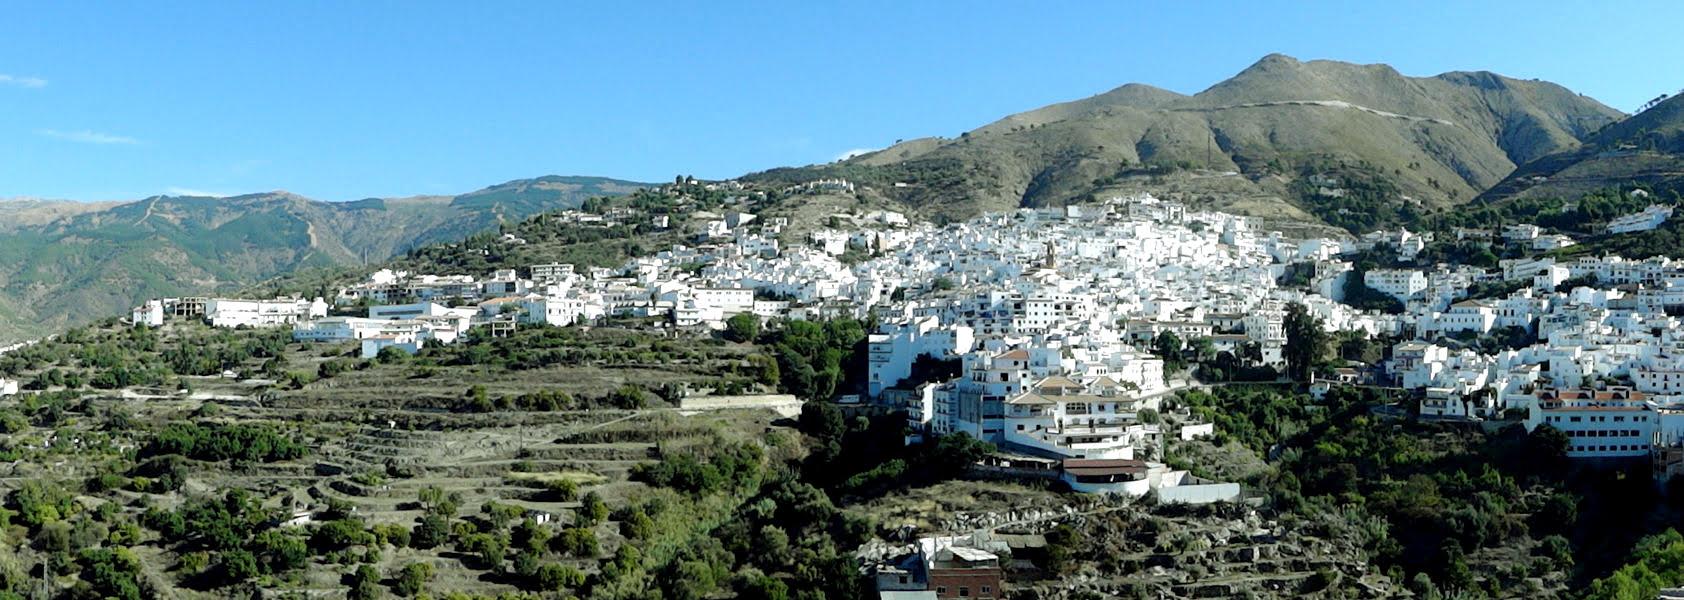 Spanje | Wandelen in Andalusië met verblijf in een dorpshuis